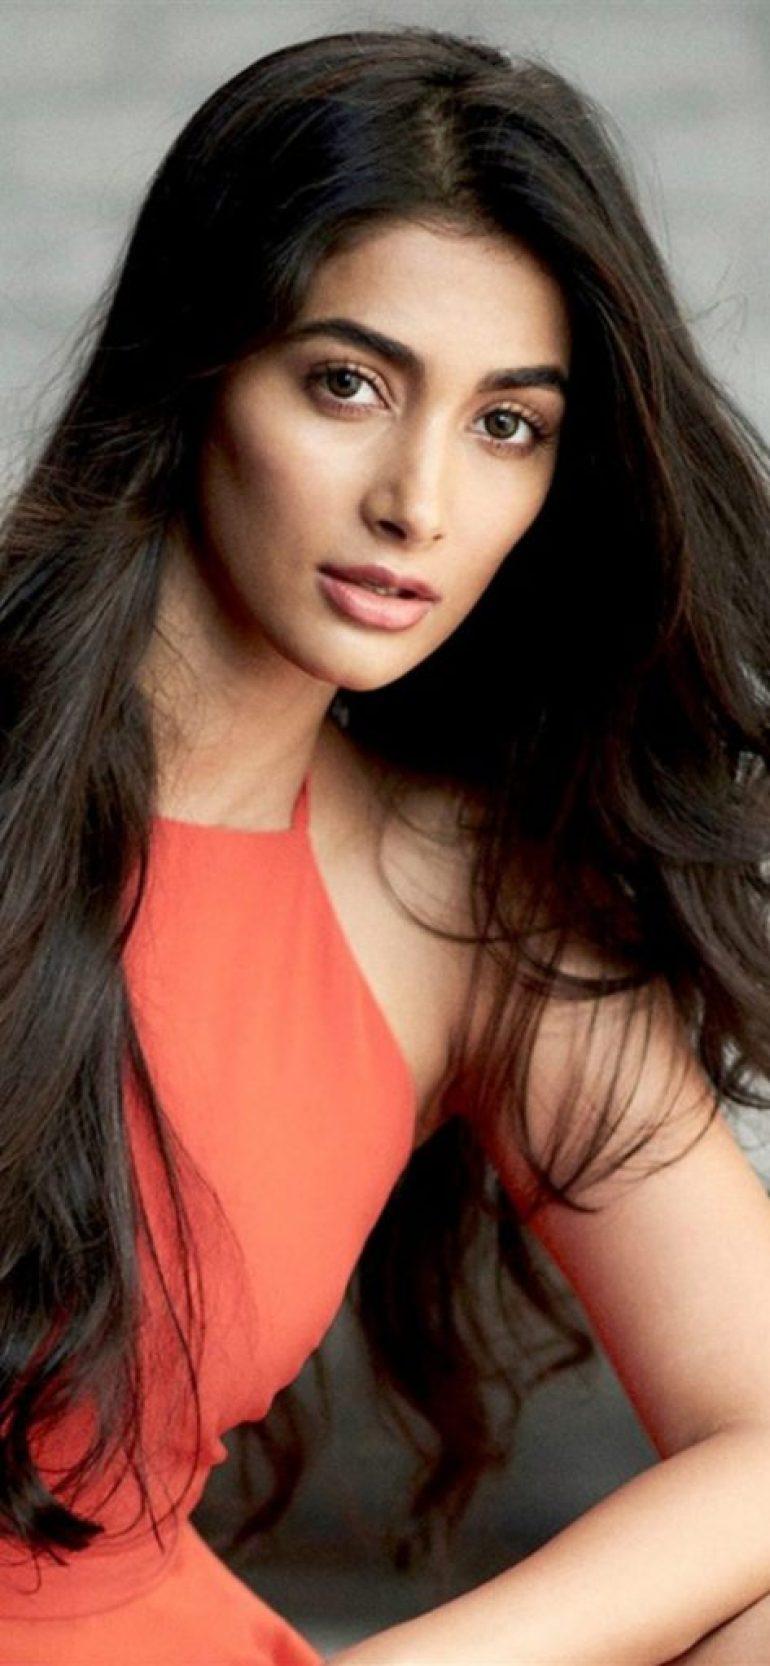 129+ Gorgeous Photos of Pooja Hegde 94